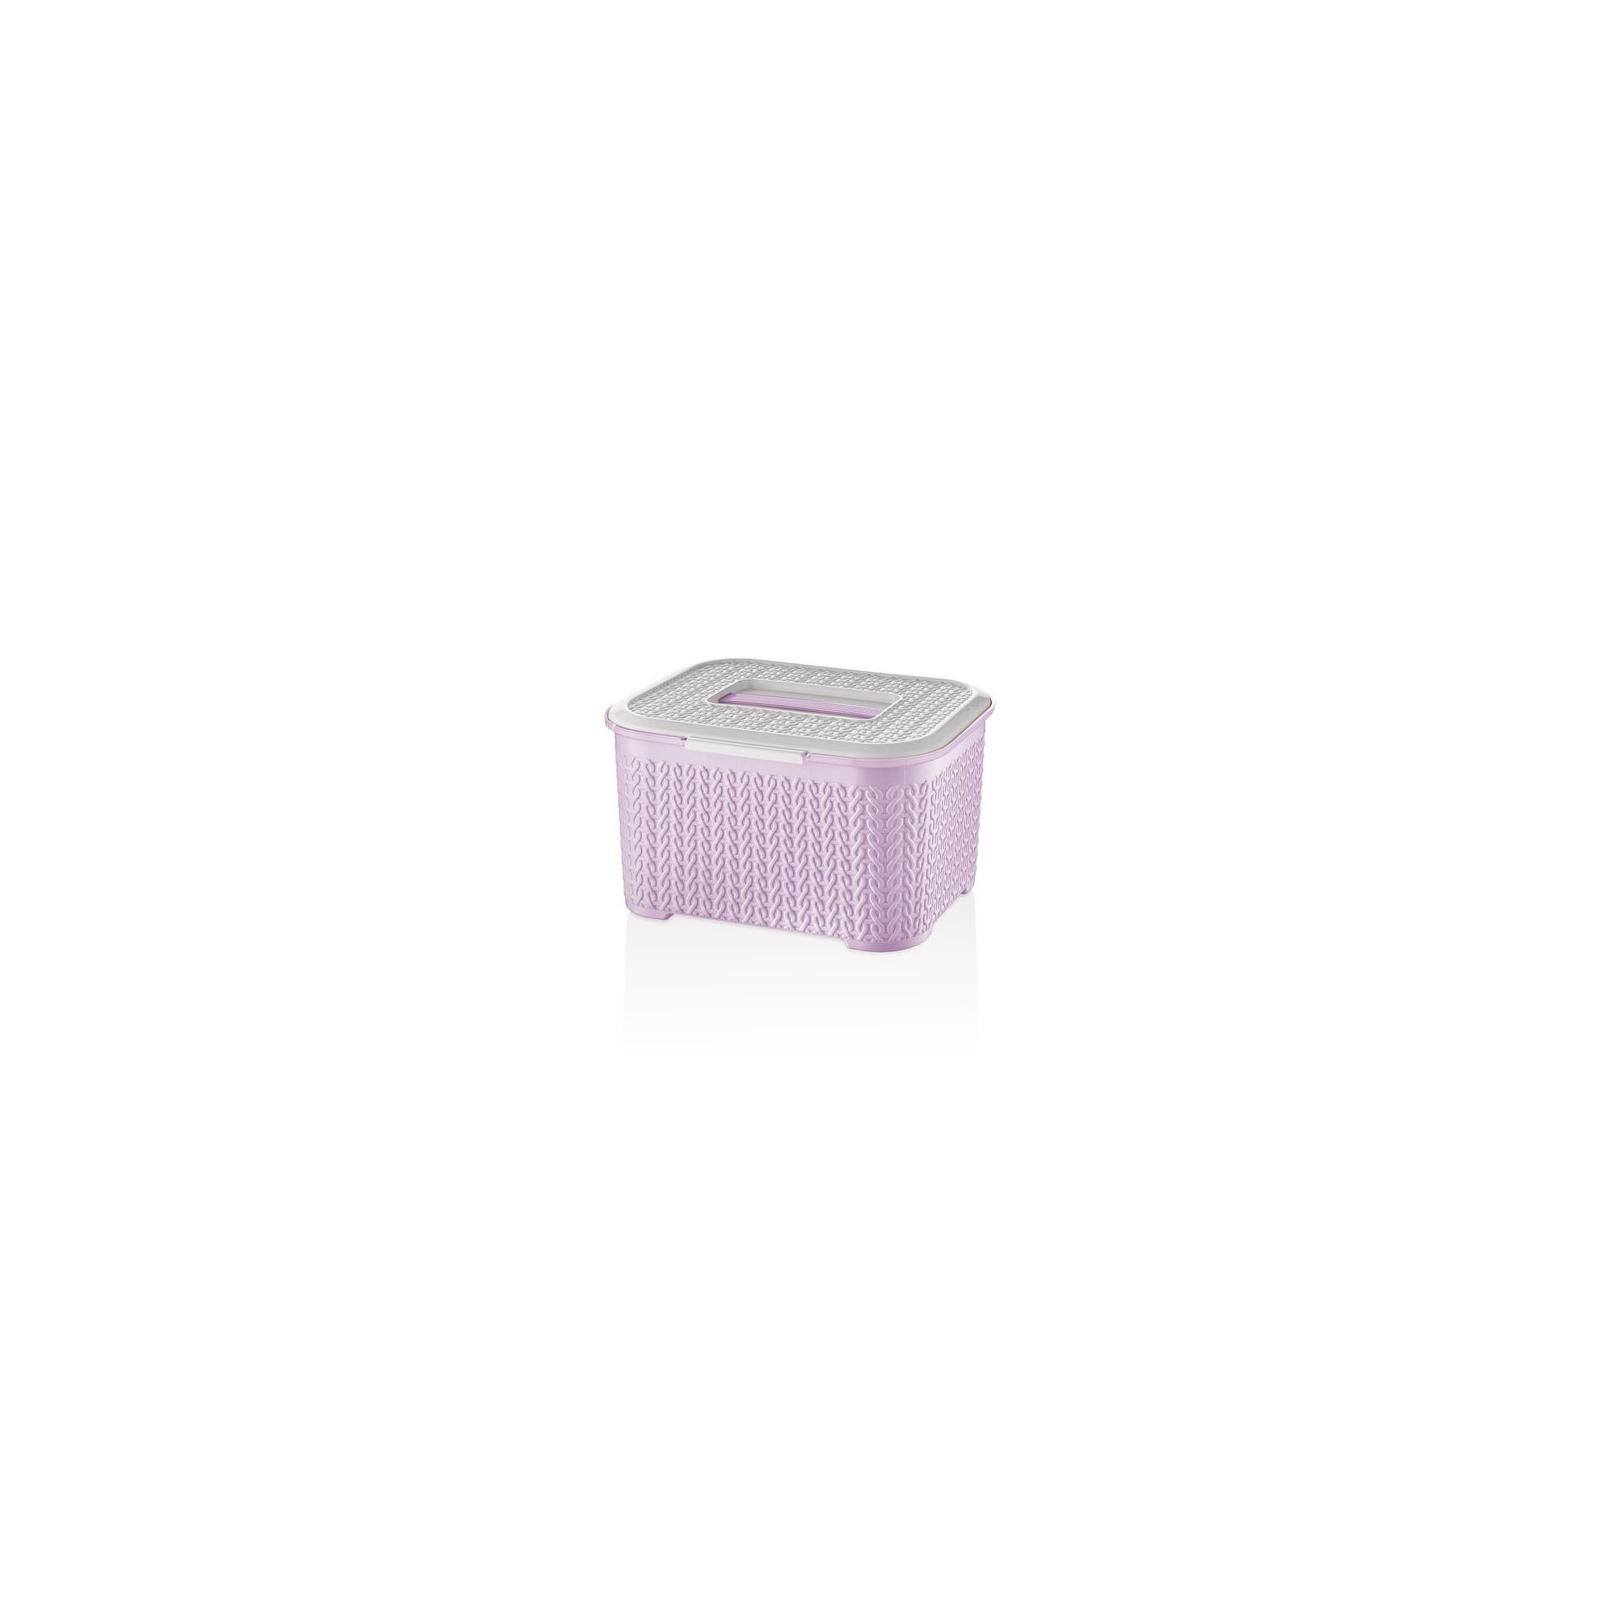 Пищевой контейнер Bager Bella 4 л Violet (BG-461 L)